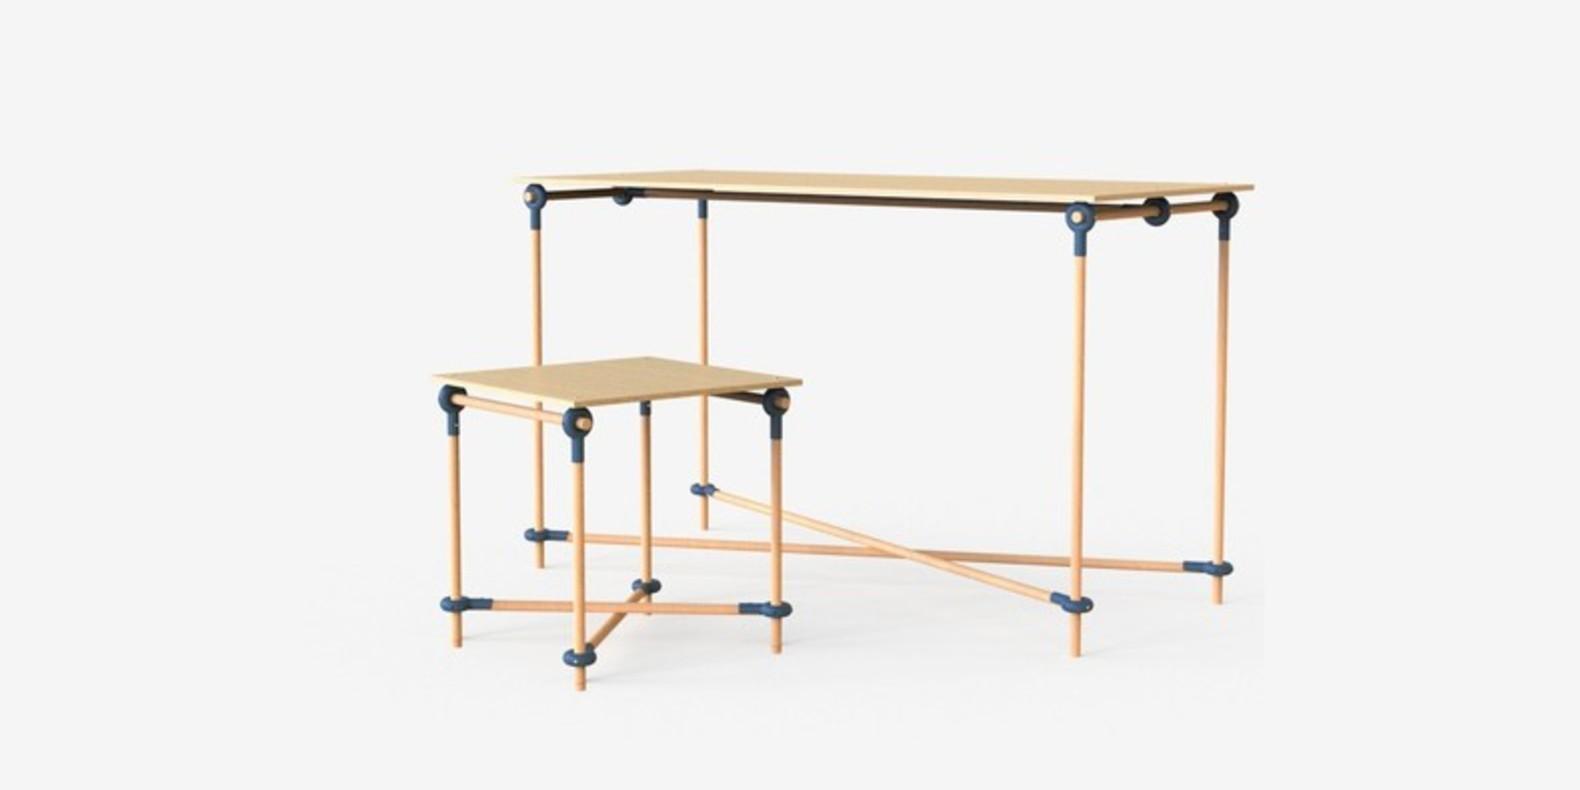 Descargar archivos STL de muebles o partes de muebles 3D imprimibles.